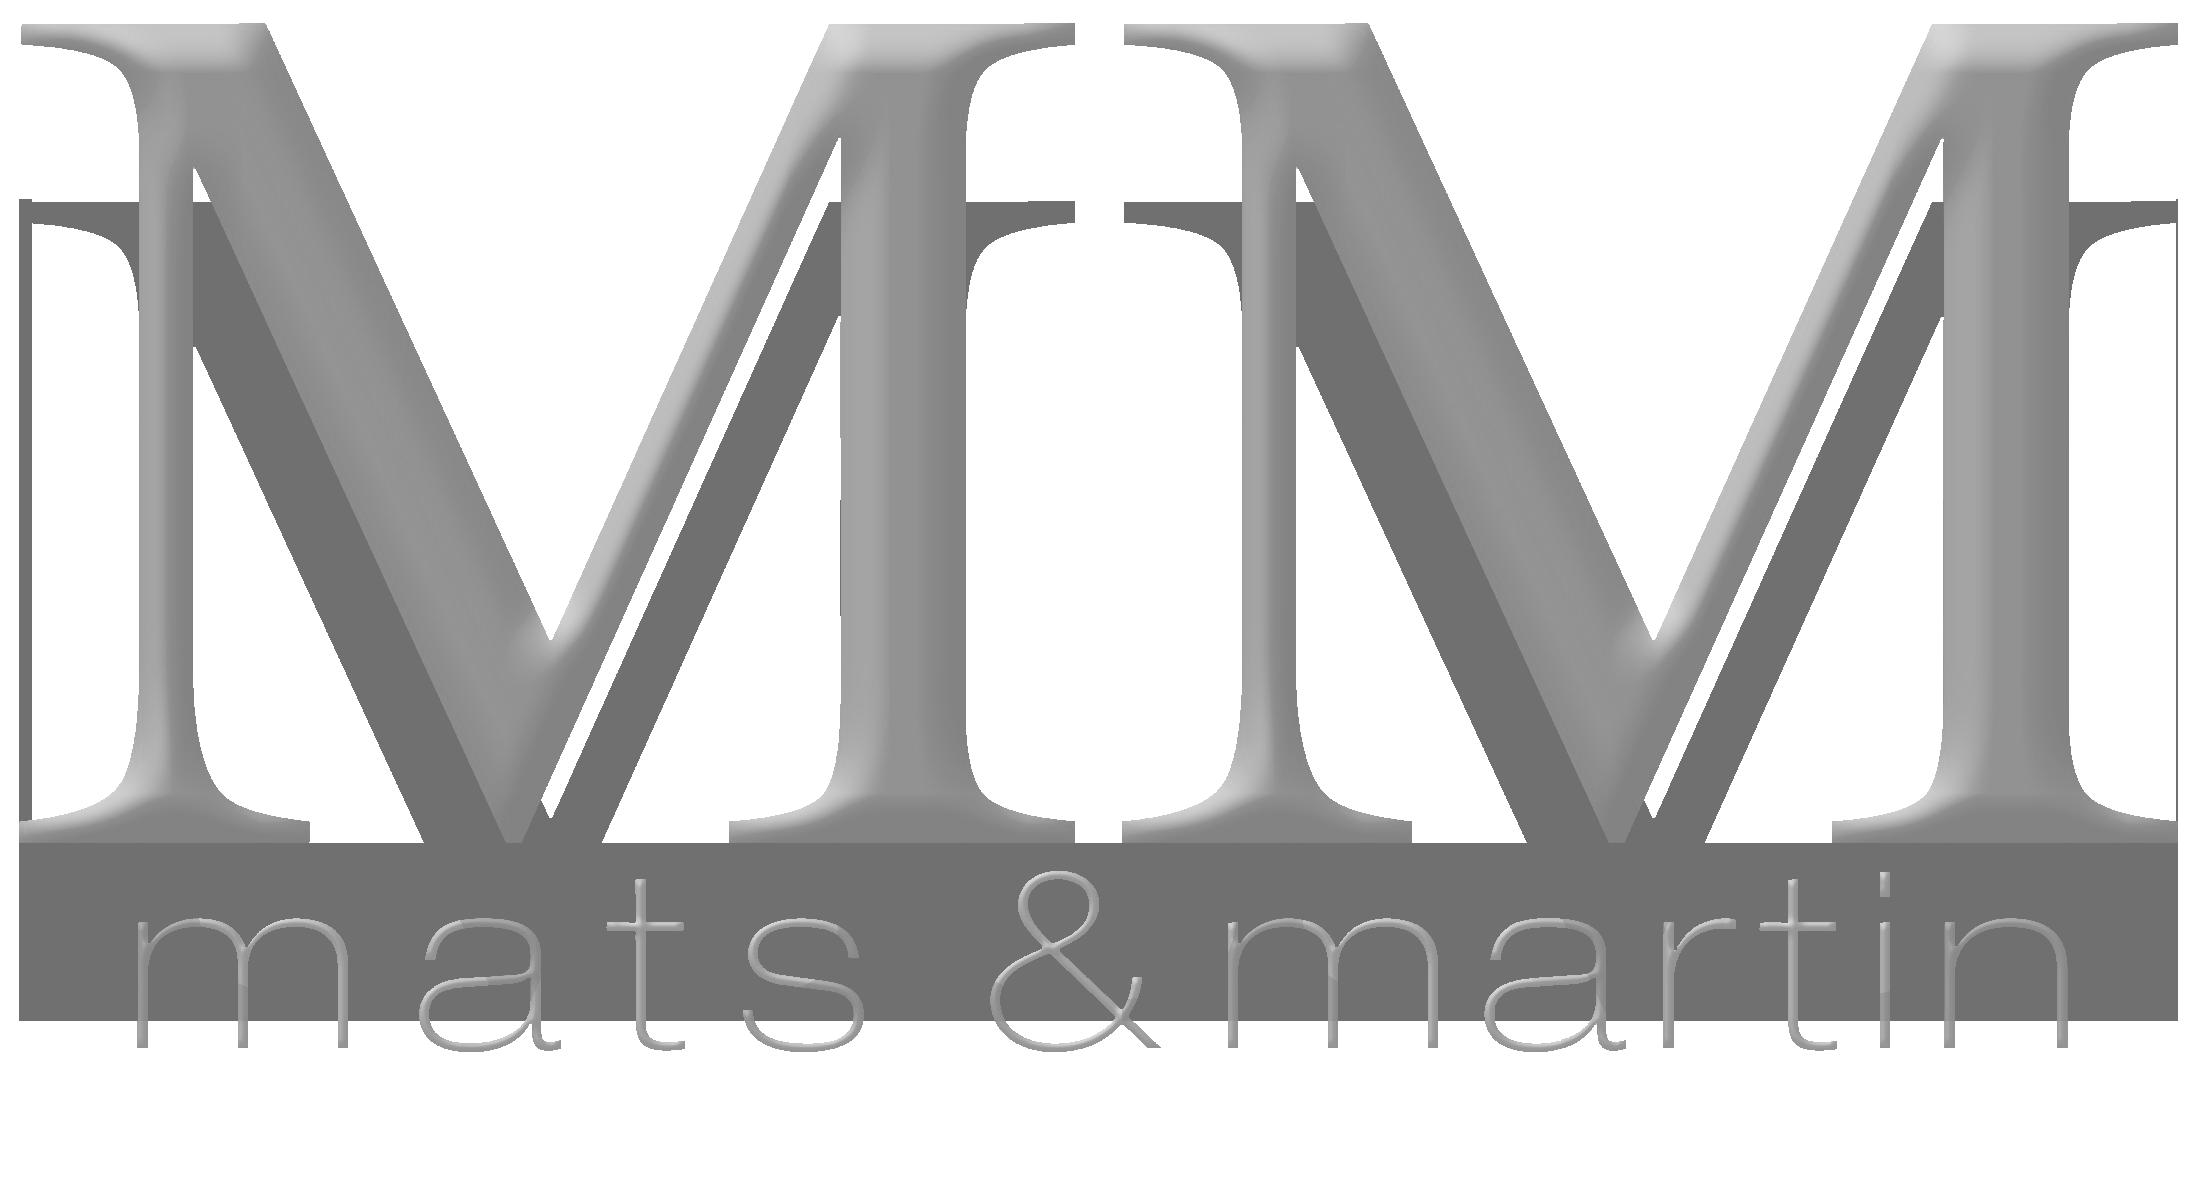 Mats & Martin